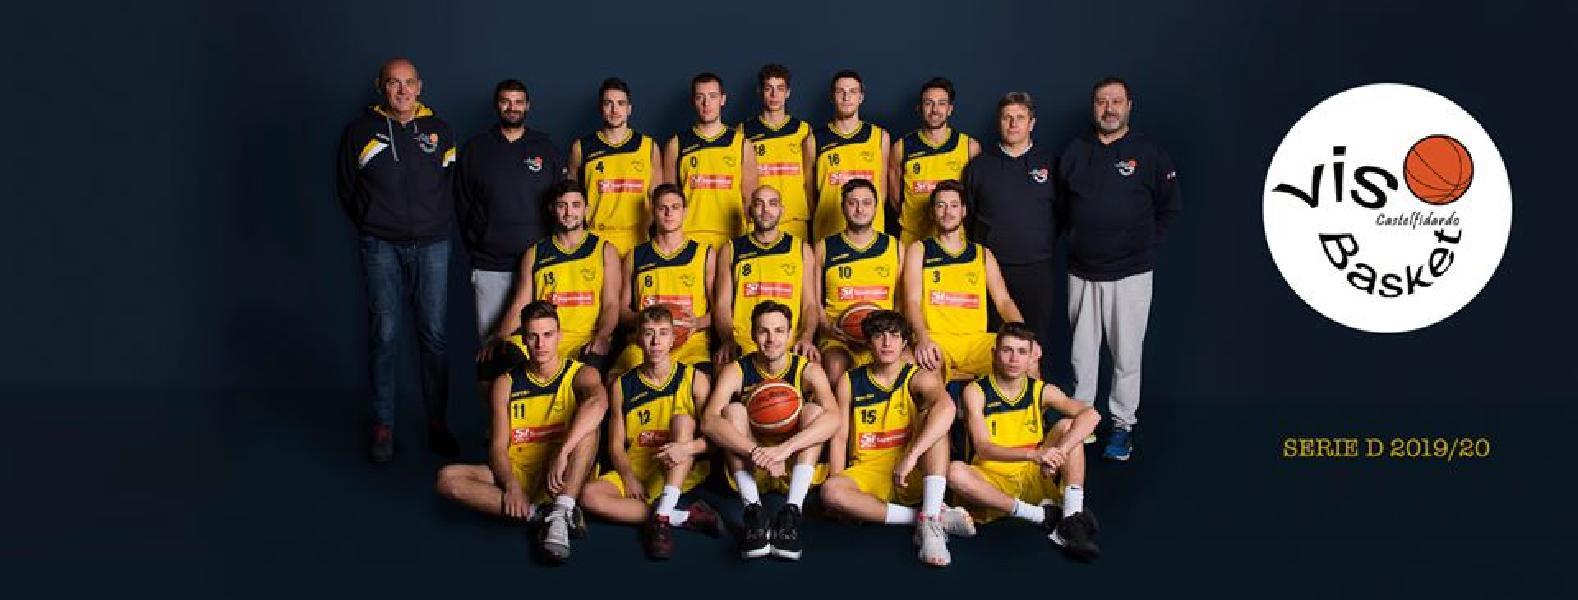 https://www.basketmarche.it/immagini_articoli/10-01-2020/castelfidardo-riparte-sfida-interna-boys-fabriano-600.jpg